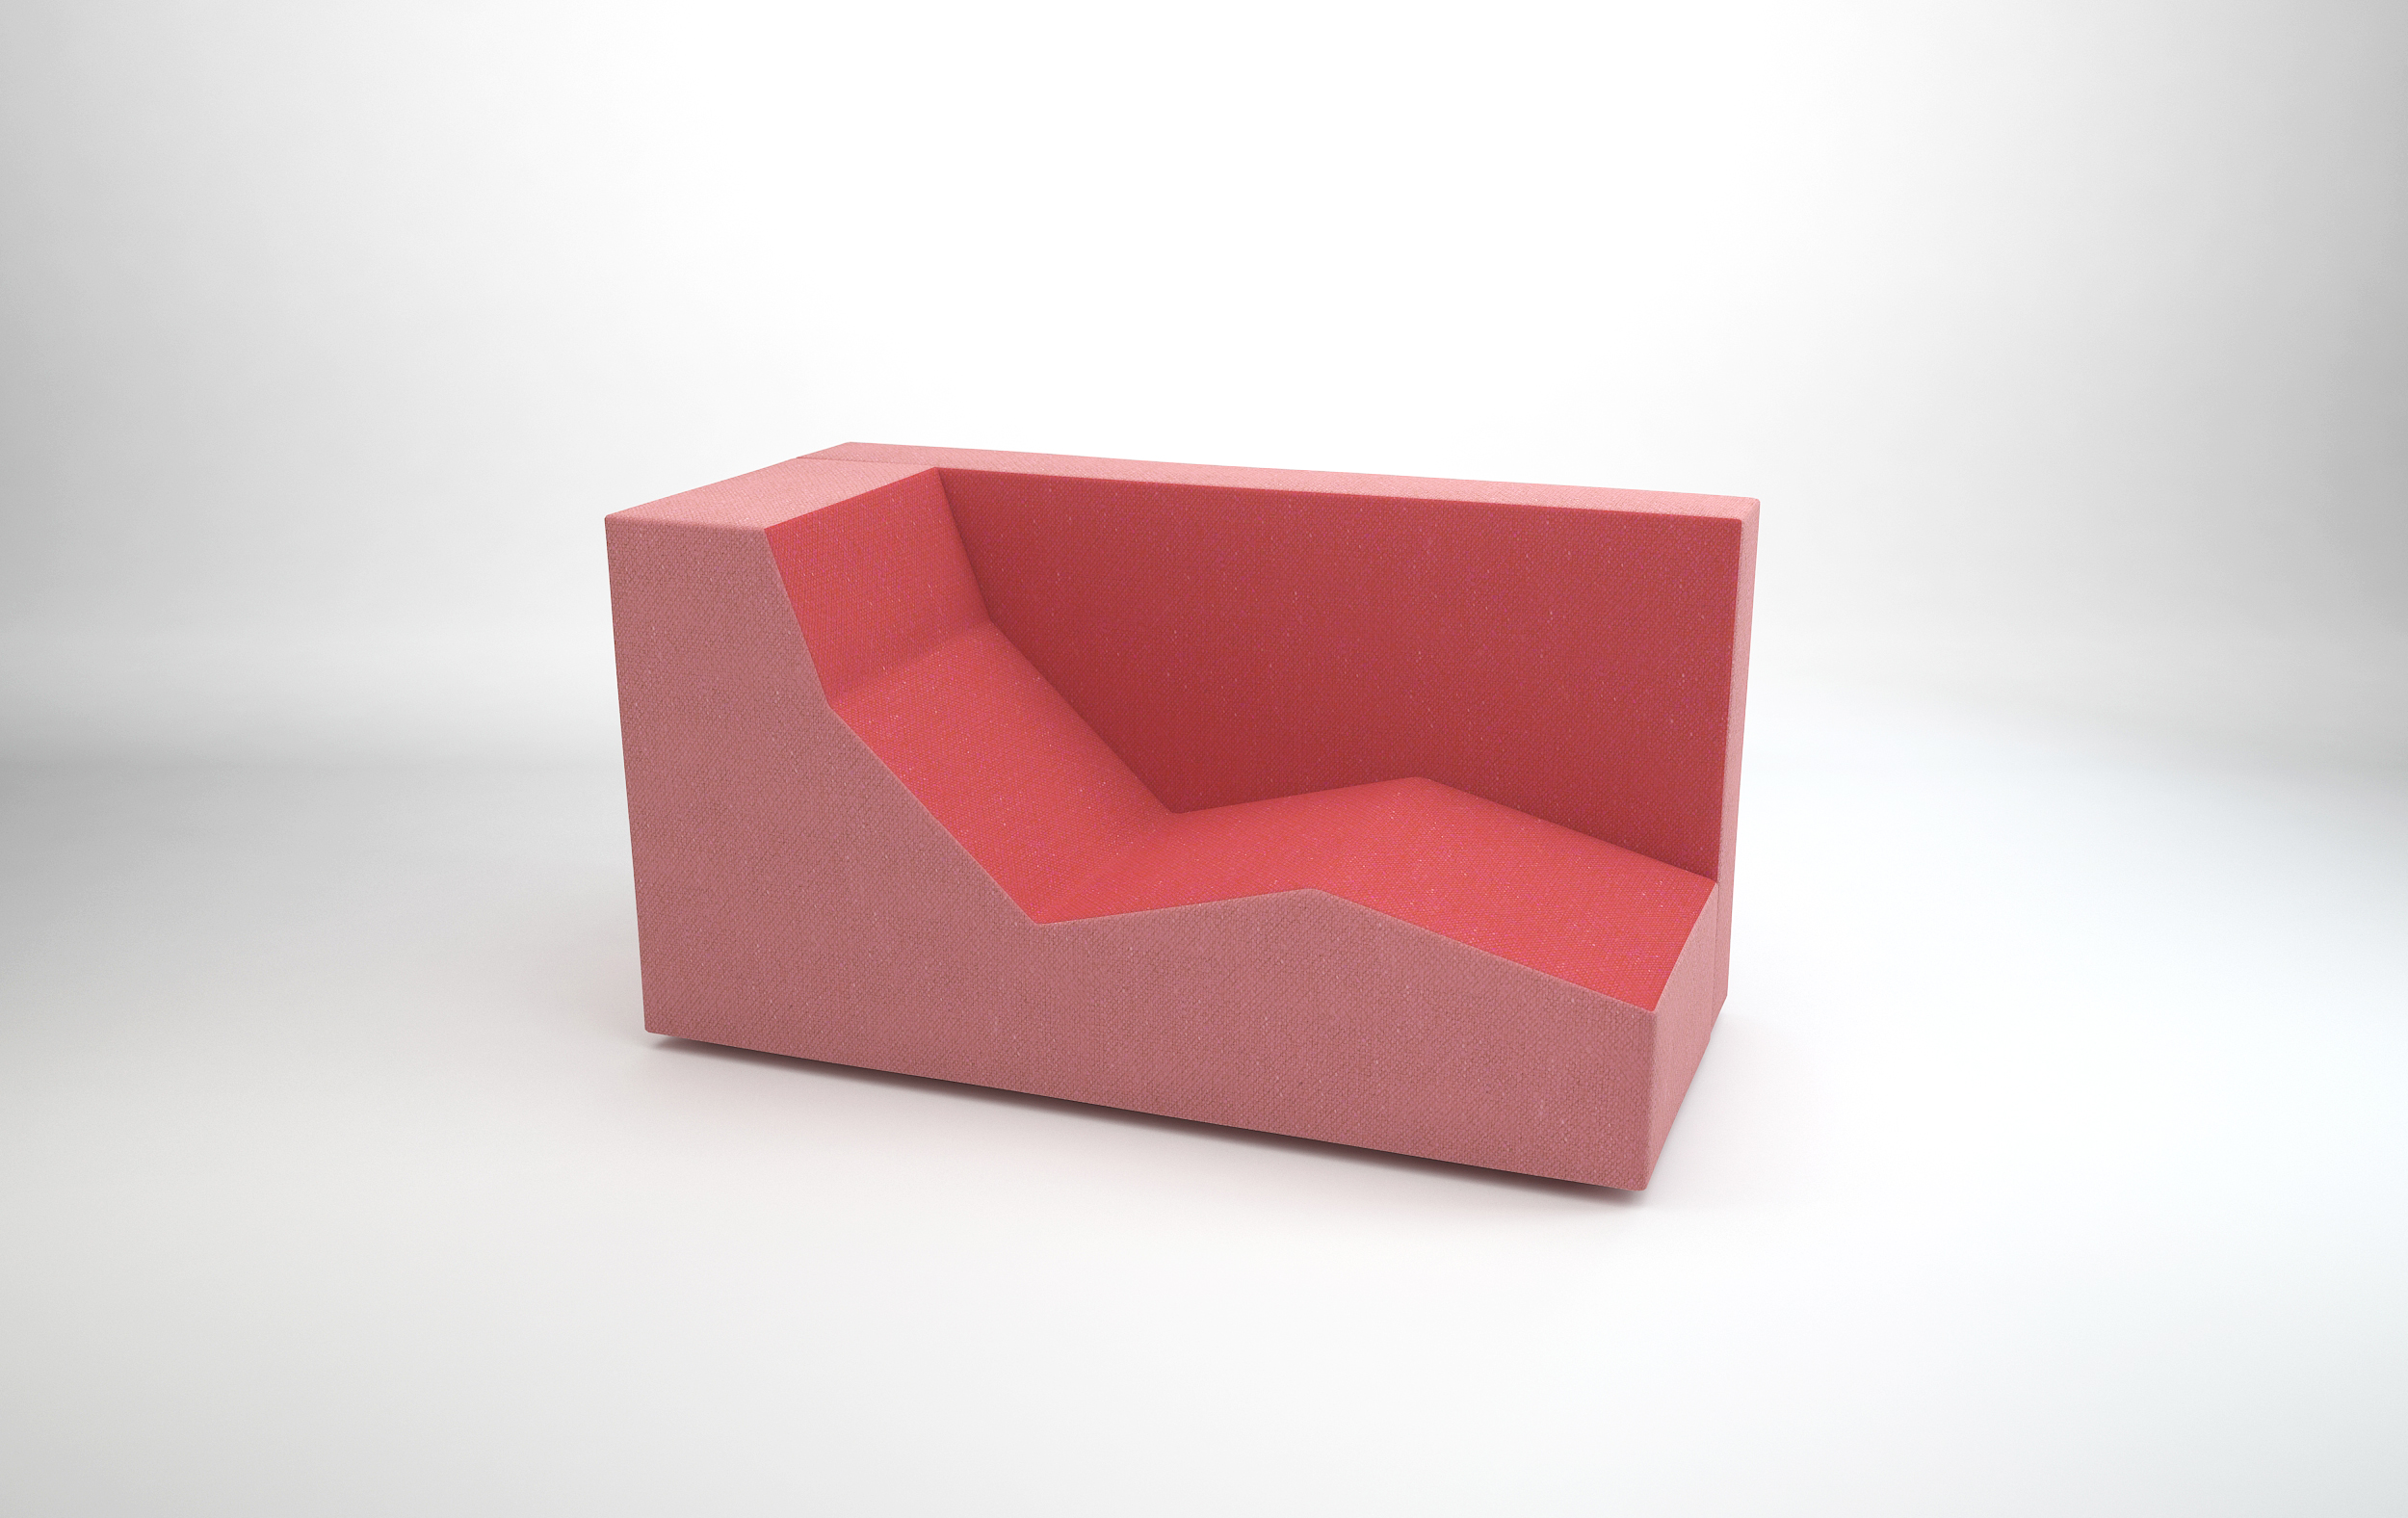 <p>MEGALITH chaise longue</p>